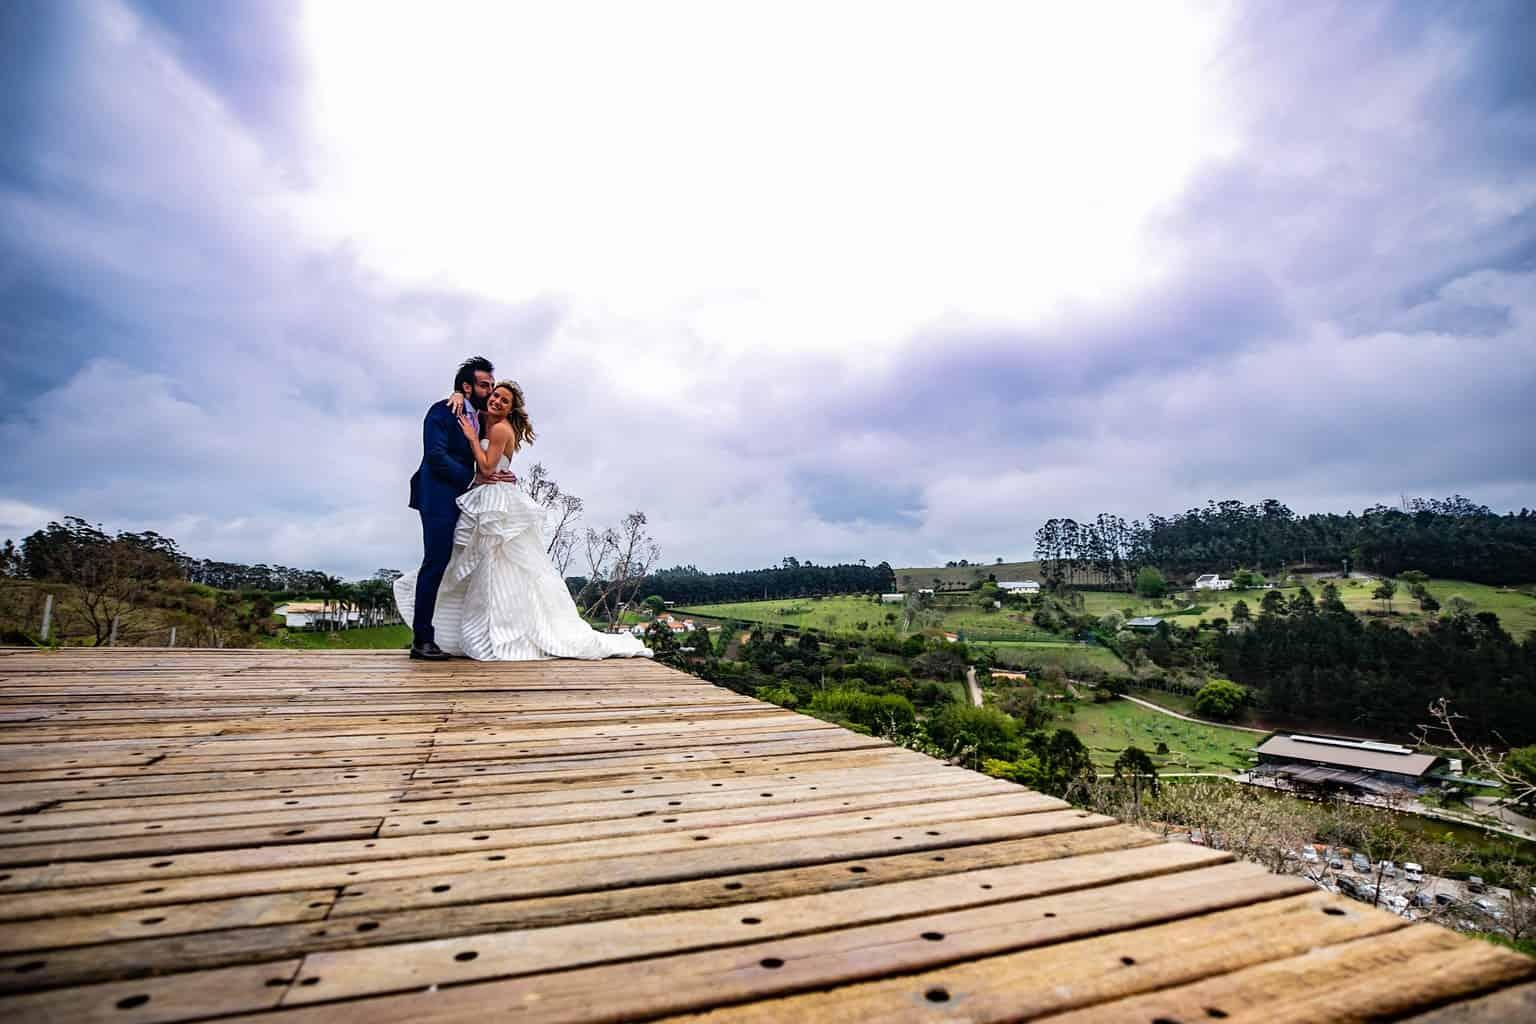 Casamento-Milene-e-Leonardo-decoracao-da-festa-foto-dos-noivos-Roberto-Tamer-terras-claras232